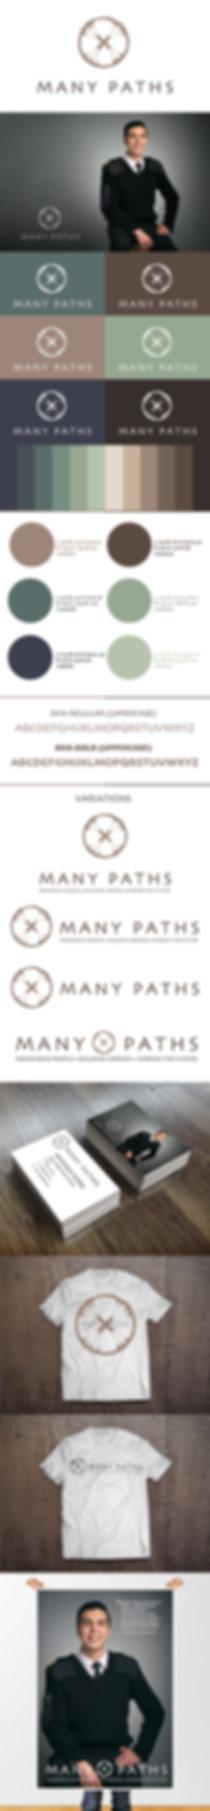 many-paths-logo-guide-v2.jpg